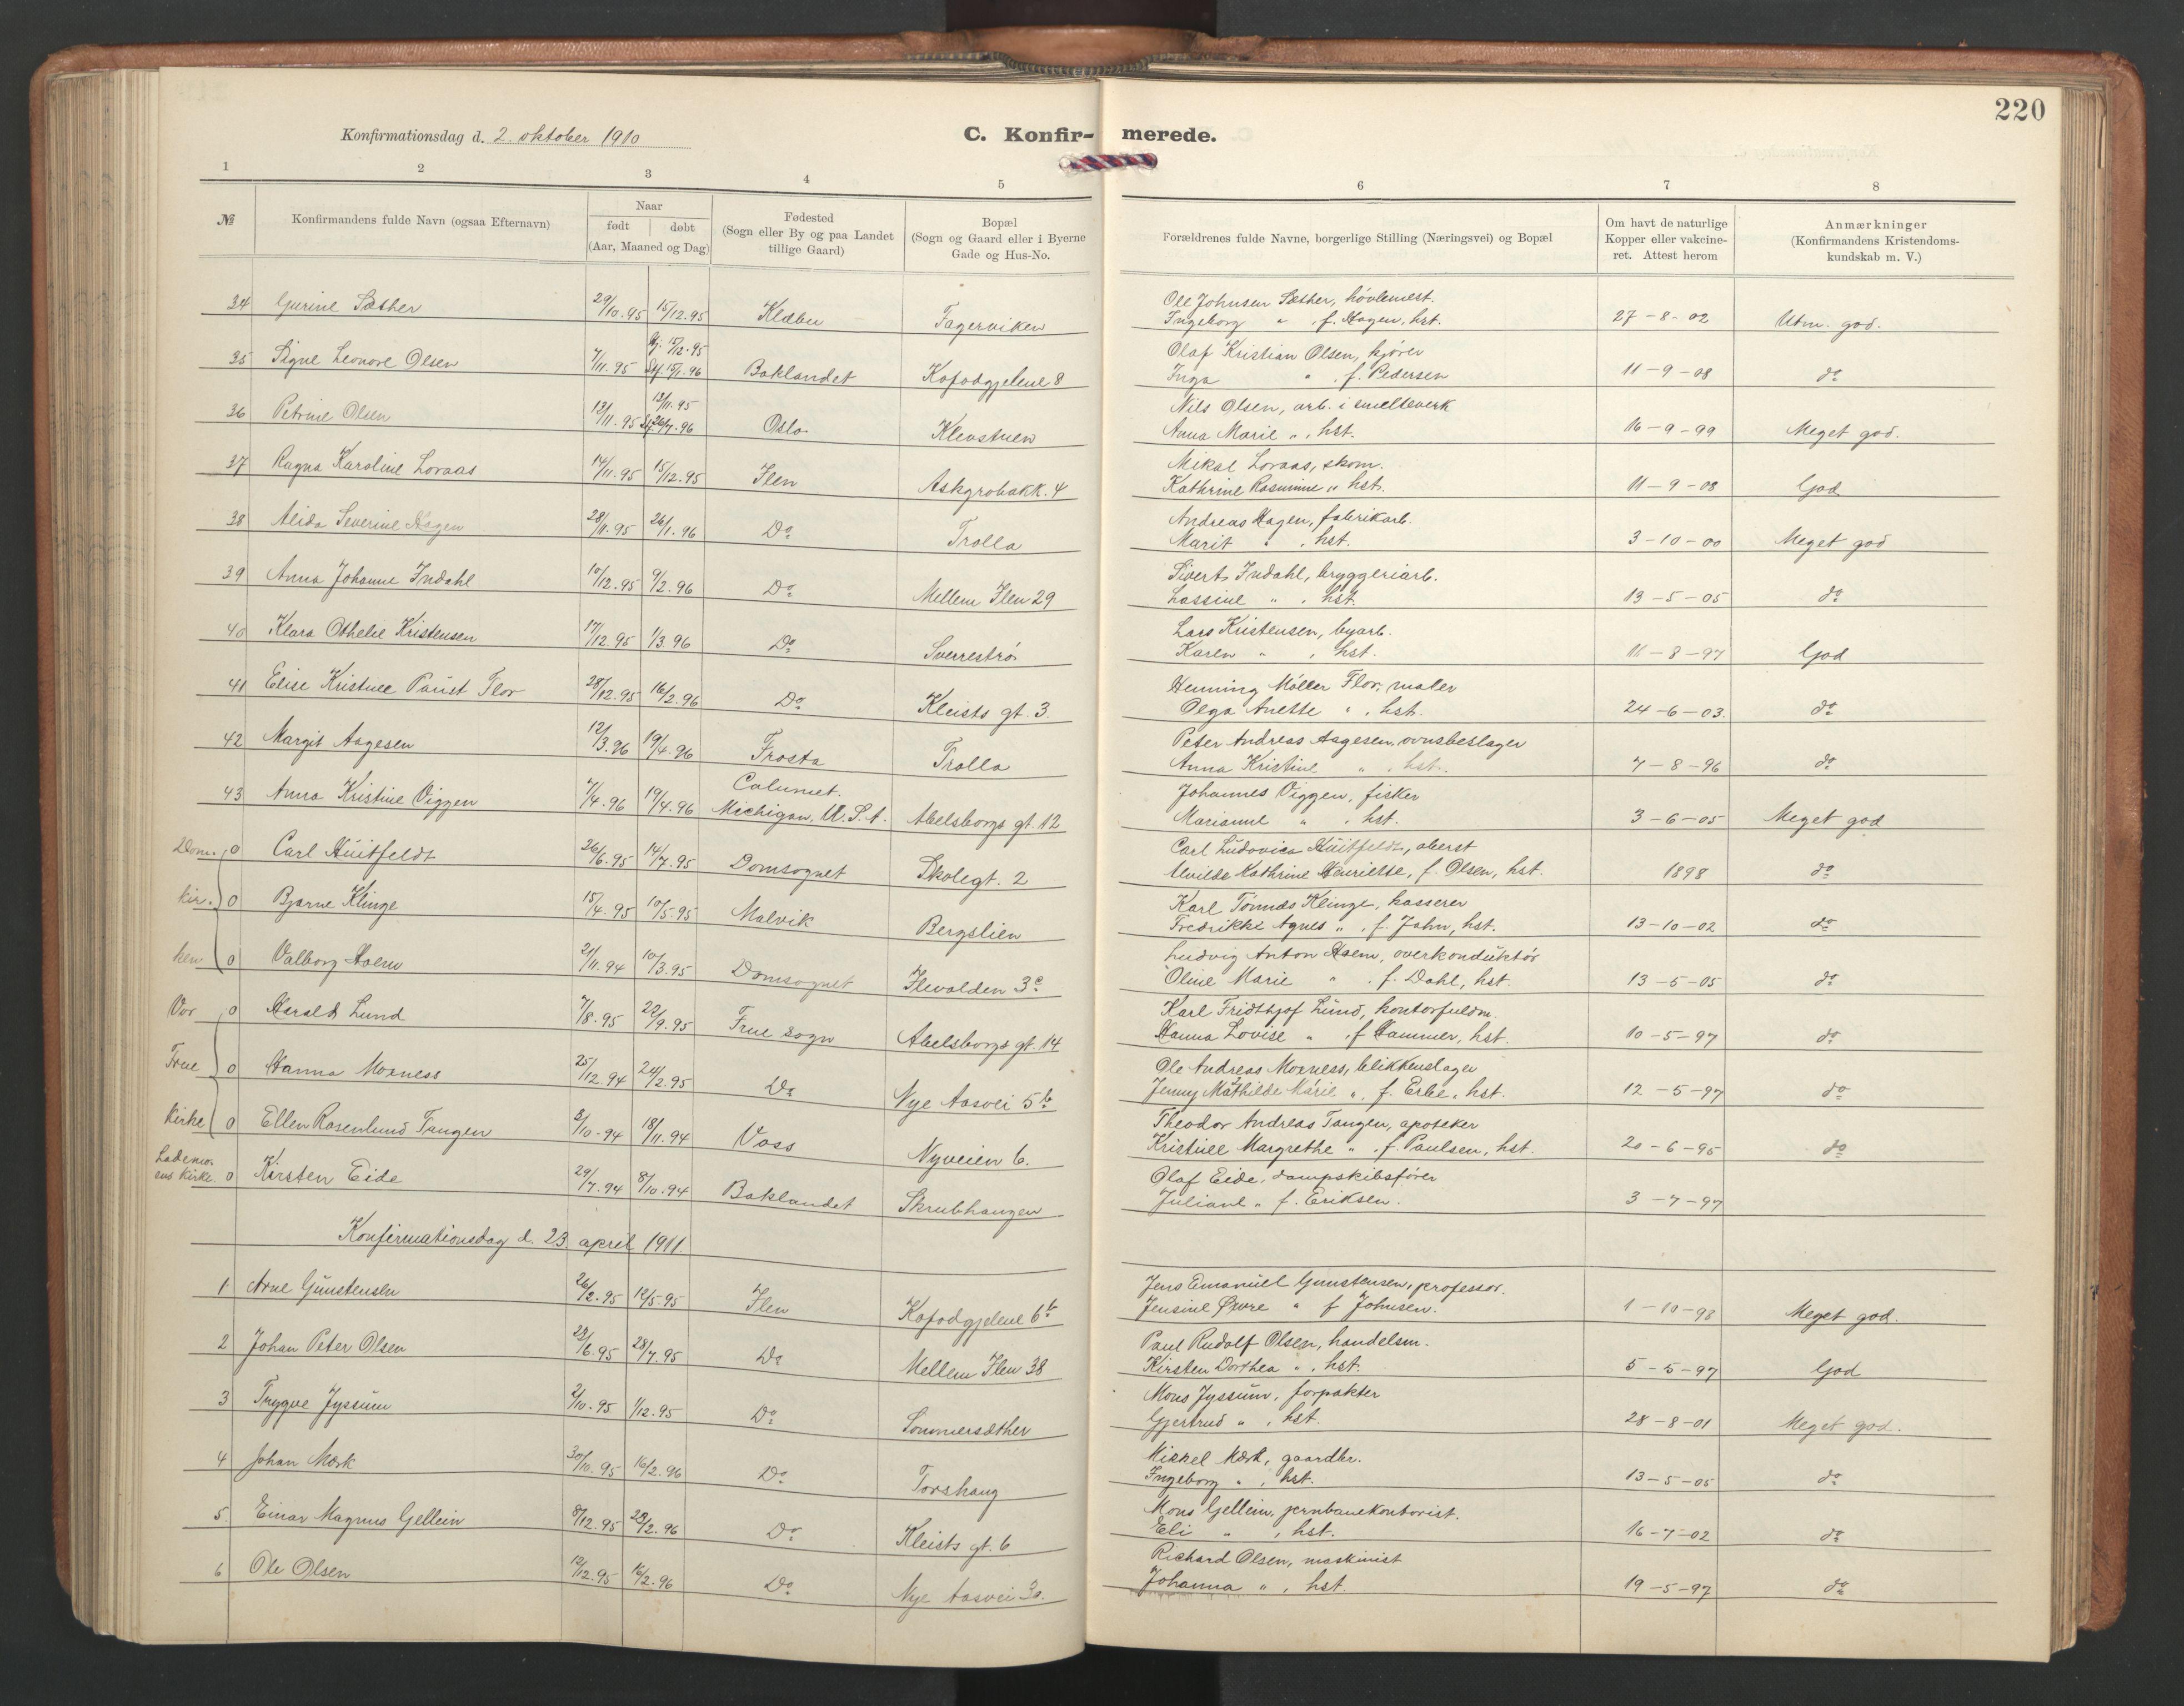 SAT, Ministerialprotokoller, klokkerbøker og fødselsregistre - Sør-Trøndelag, 603/L0173: Klokkerbok nr. 603C01, 1907-1962, s. 220